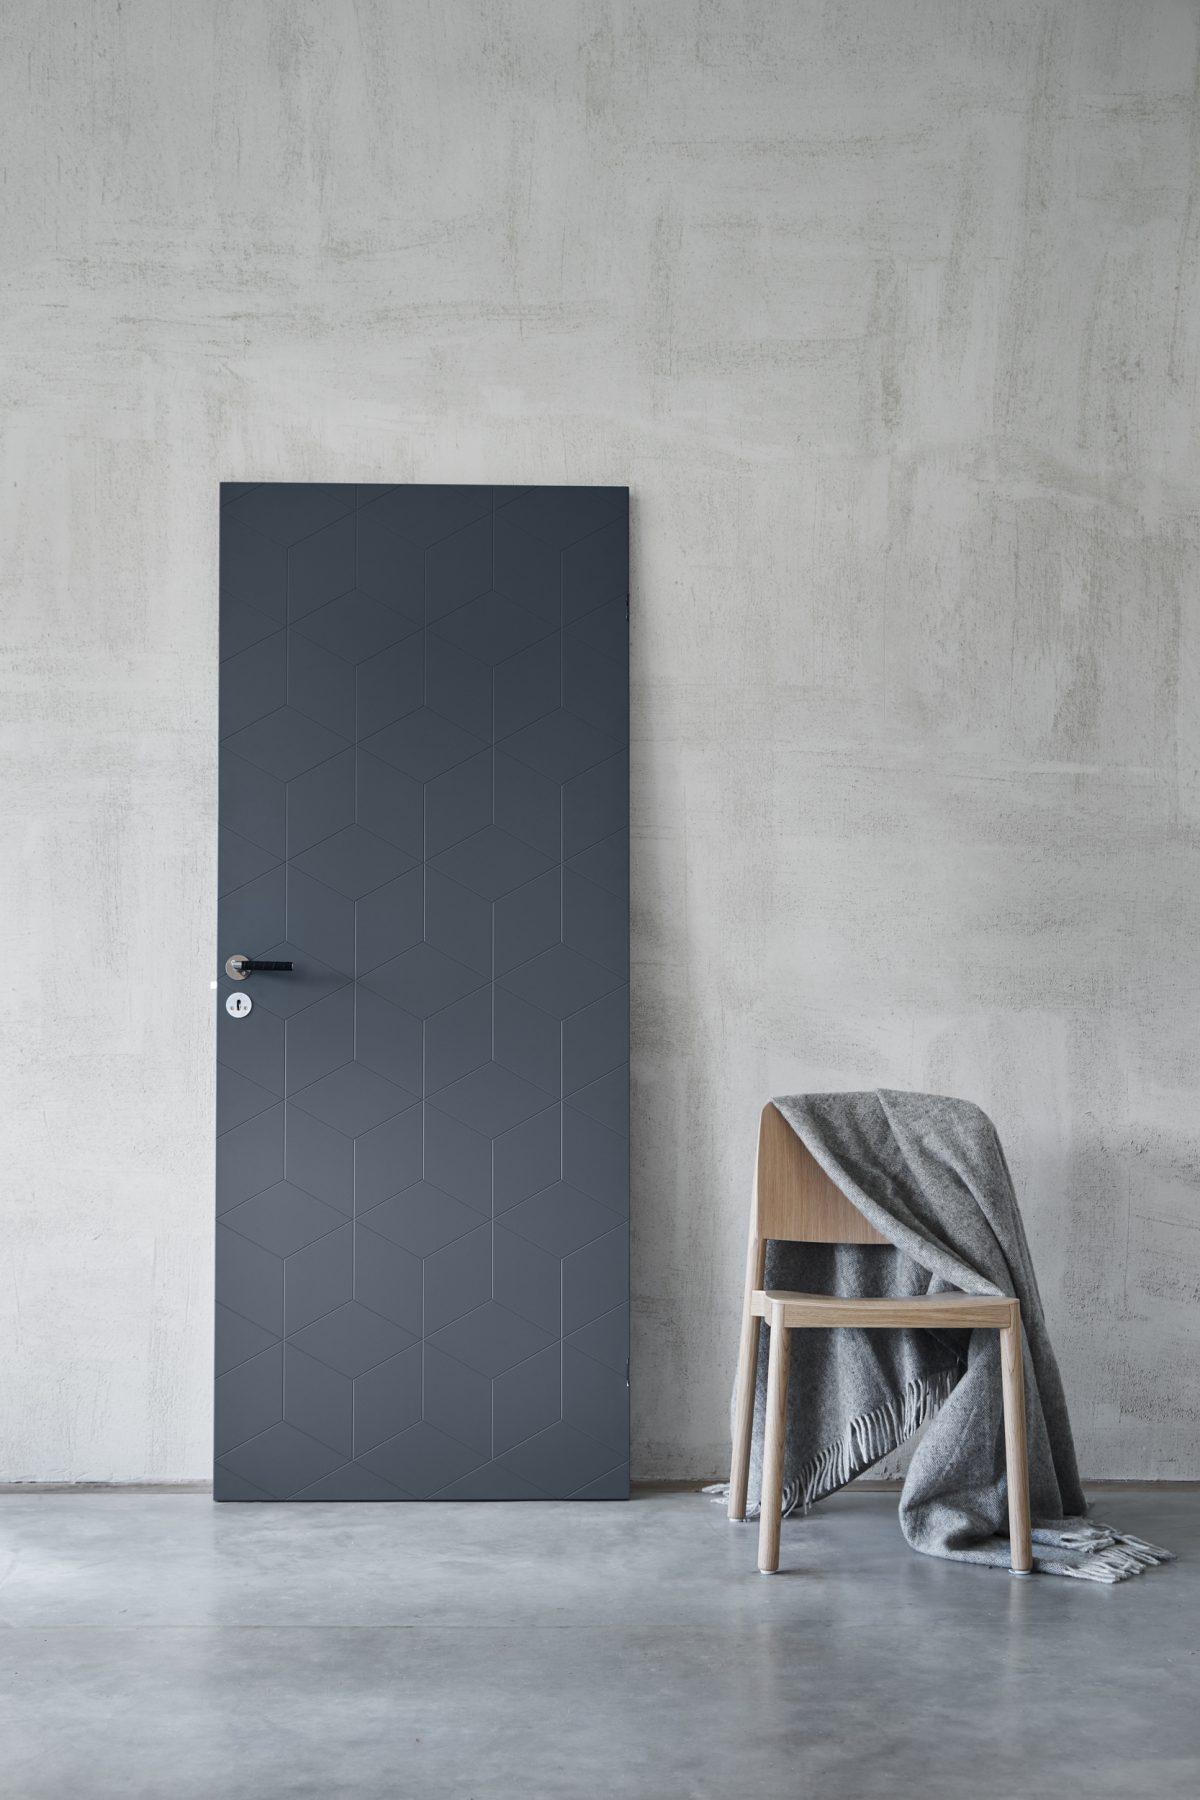 innerdörr-brick-blå-swedese-njord-beslag-design